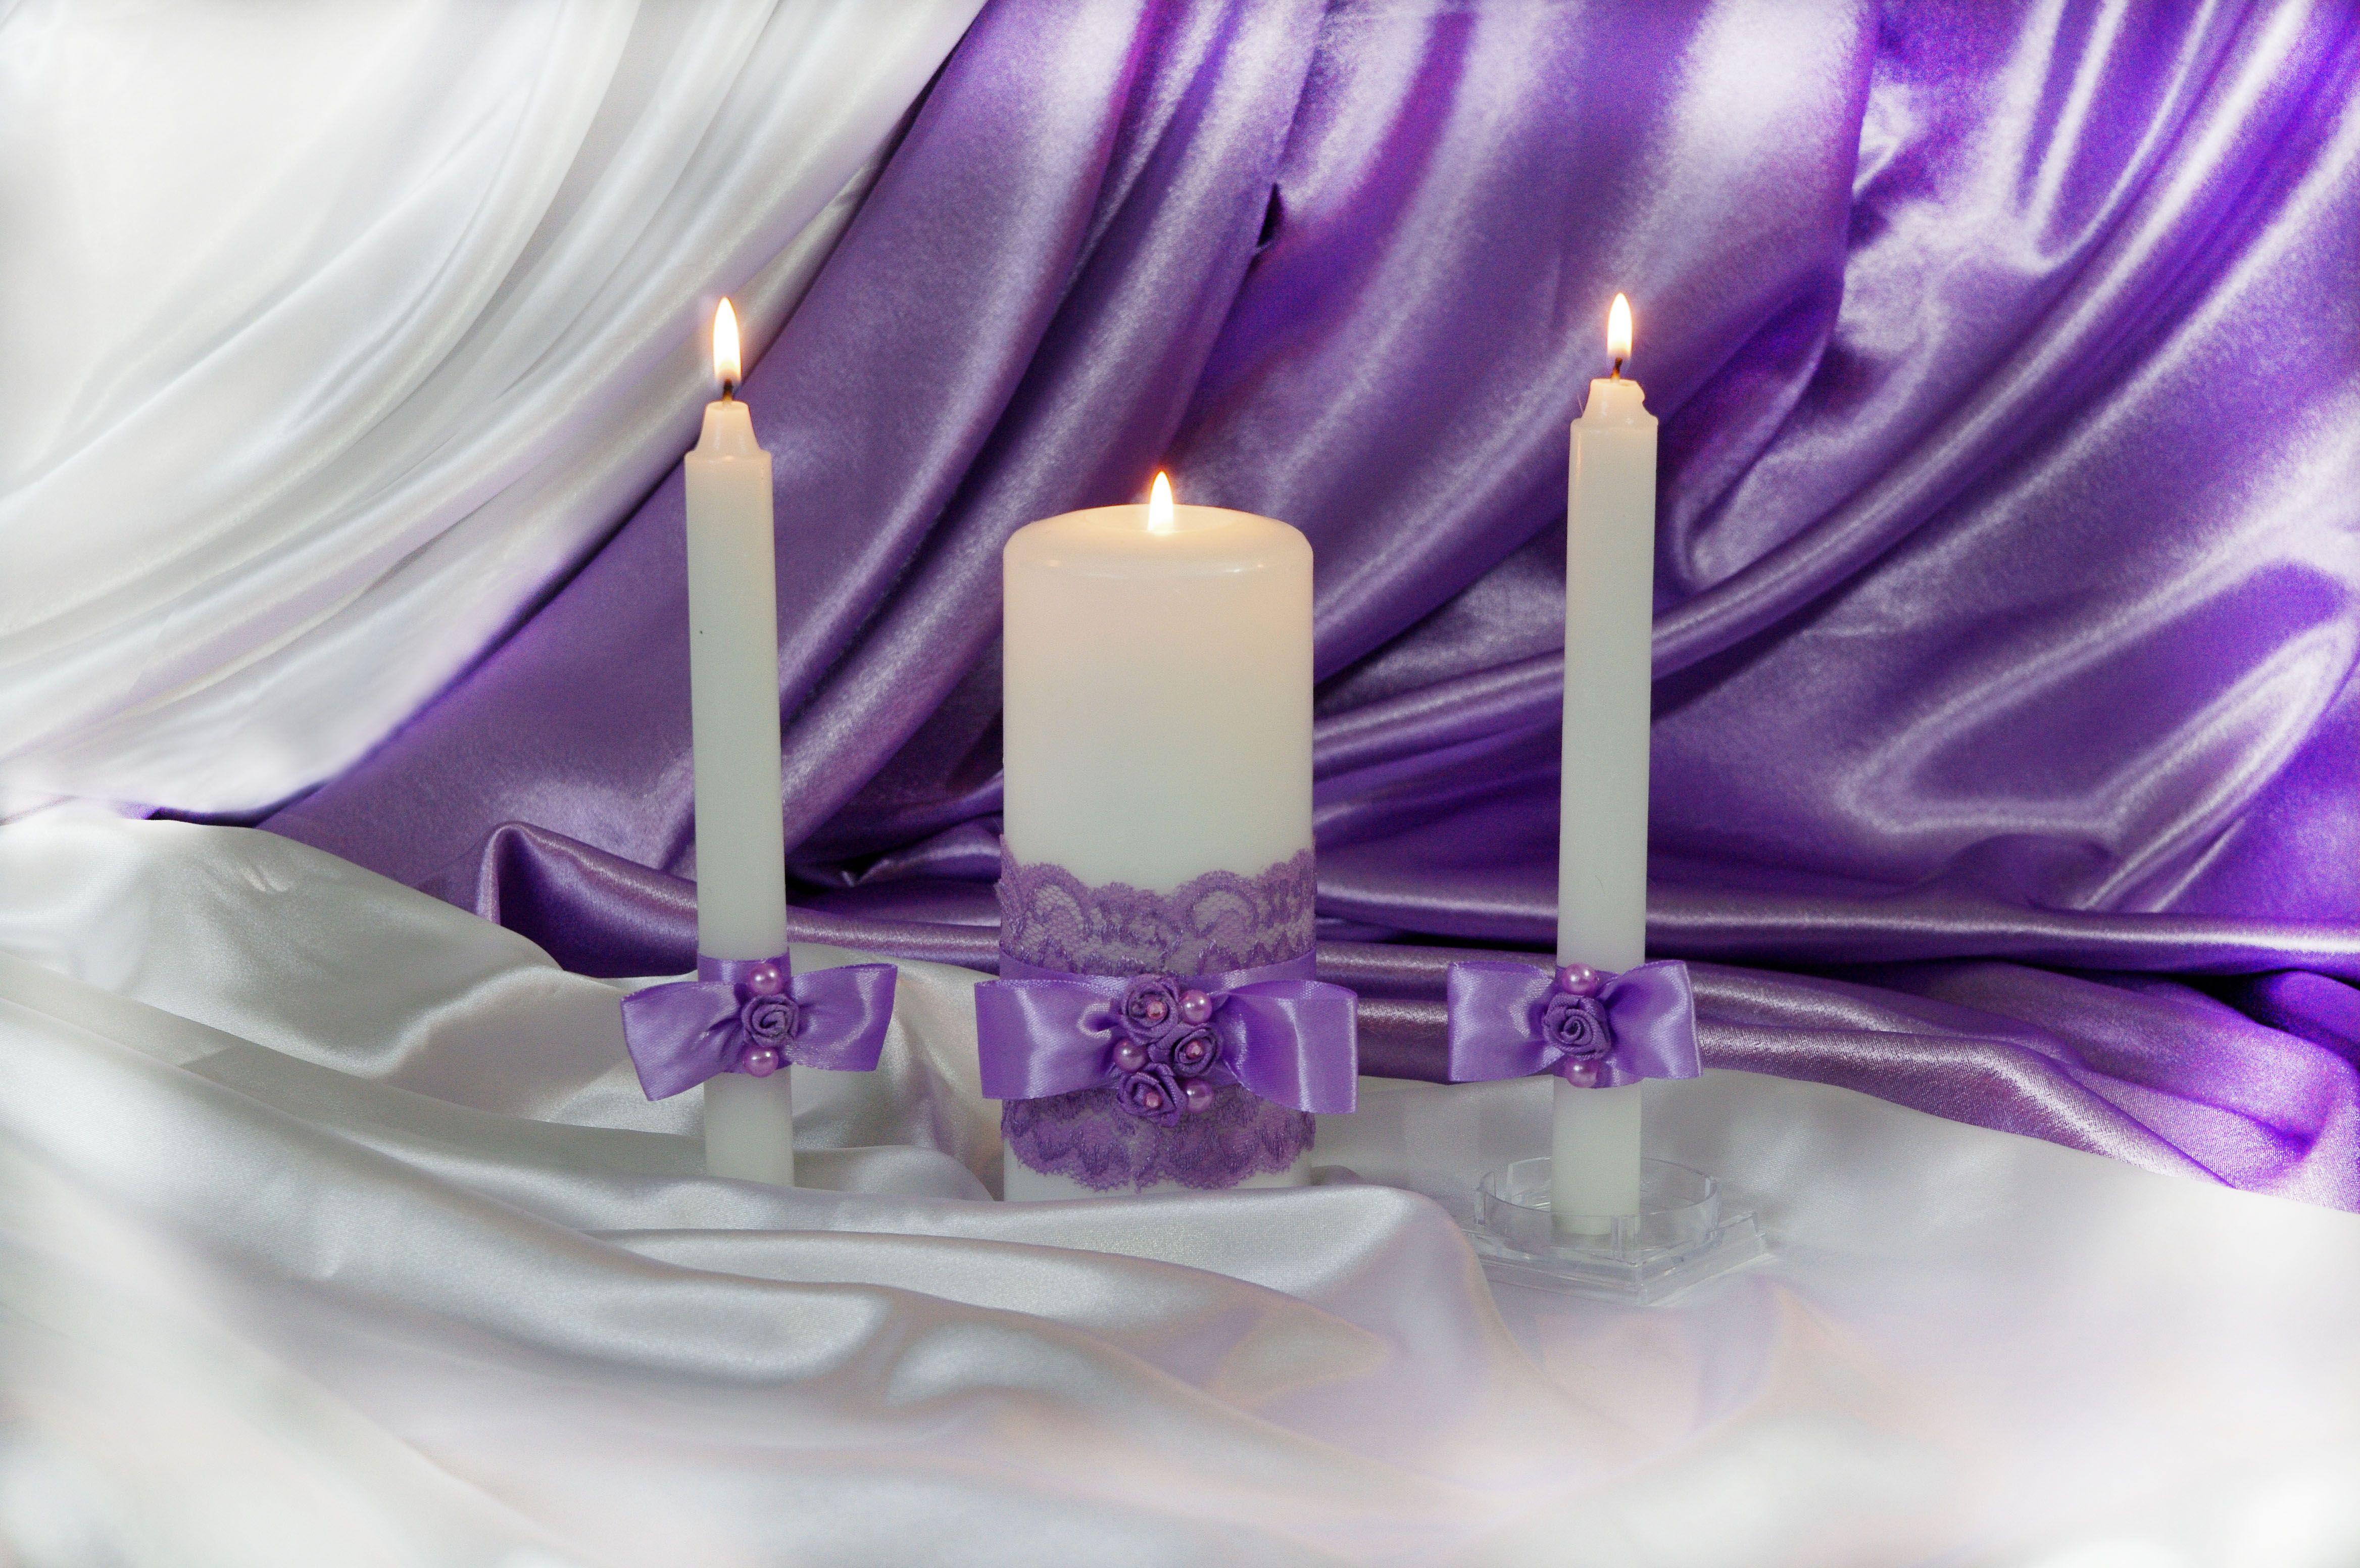 колец бутылки свечи очаг бутылкимолодоженов свадебныйнабор ленты кружево подушечка для аксессуары набор свадебный свадьба